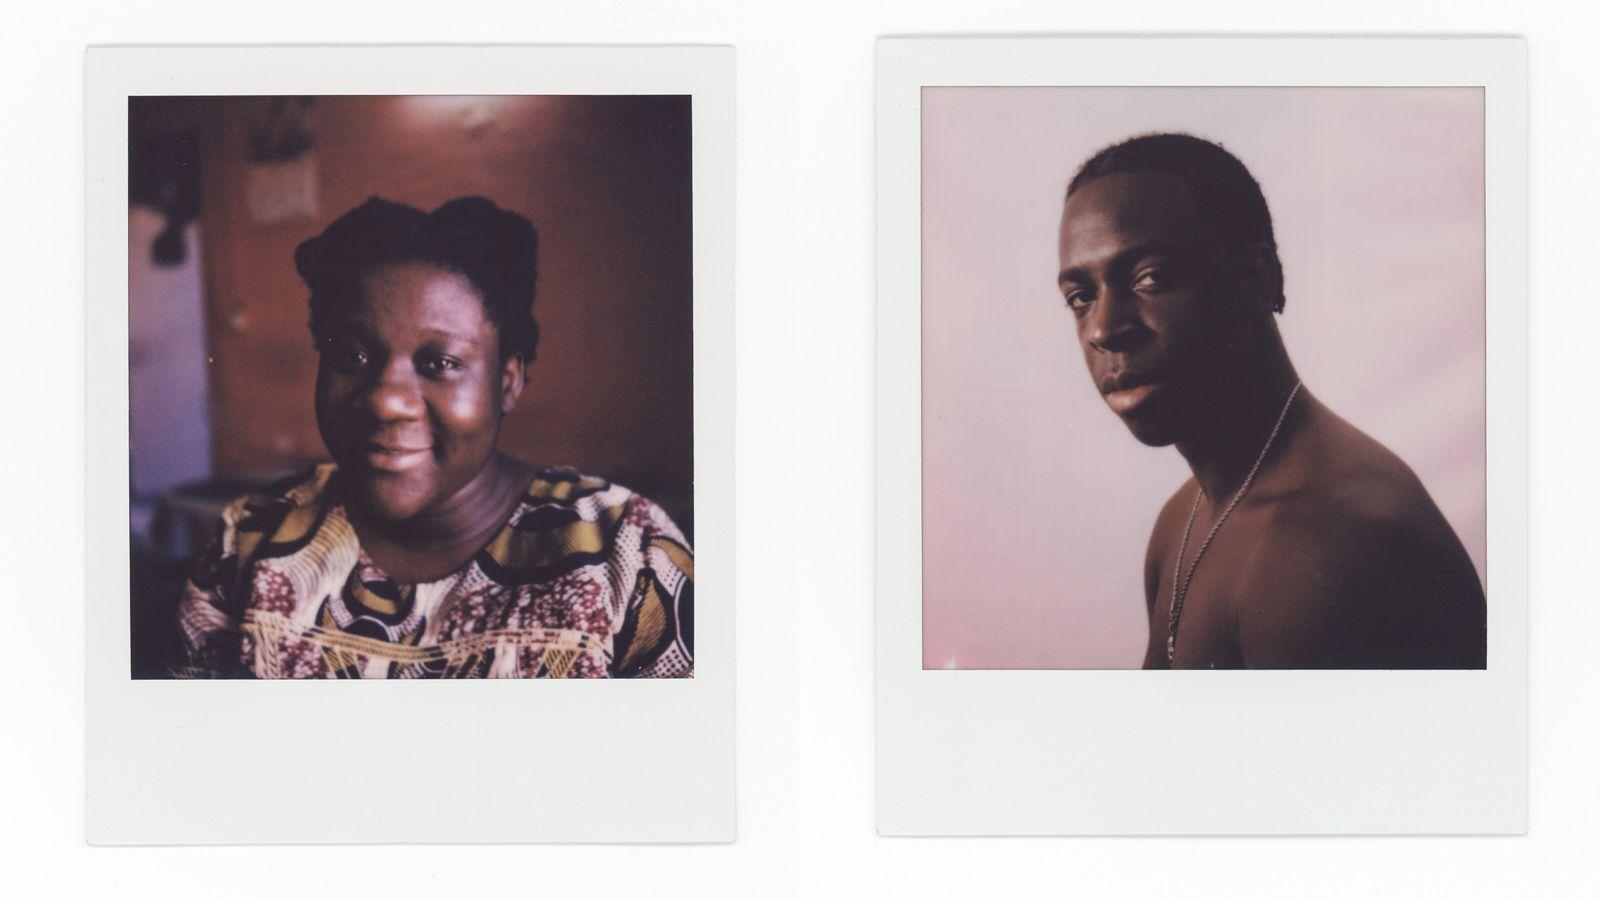 À esquerda: Manuela Pedro, 35 anos. À direita: Roberto Cravid, o Kid Robinn, 22 anos, rapper nascido e criado no bairro ...